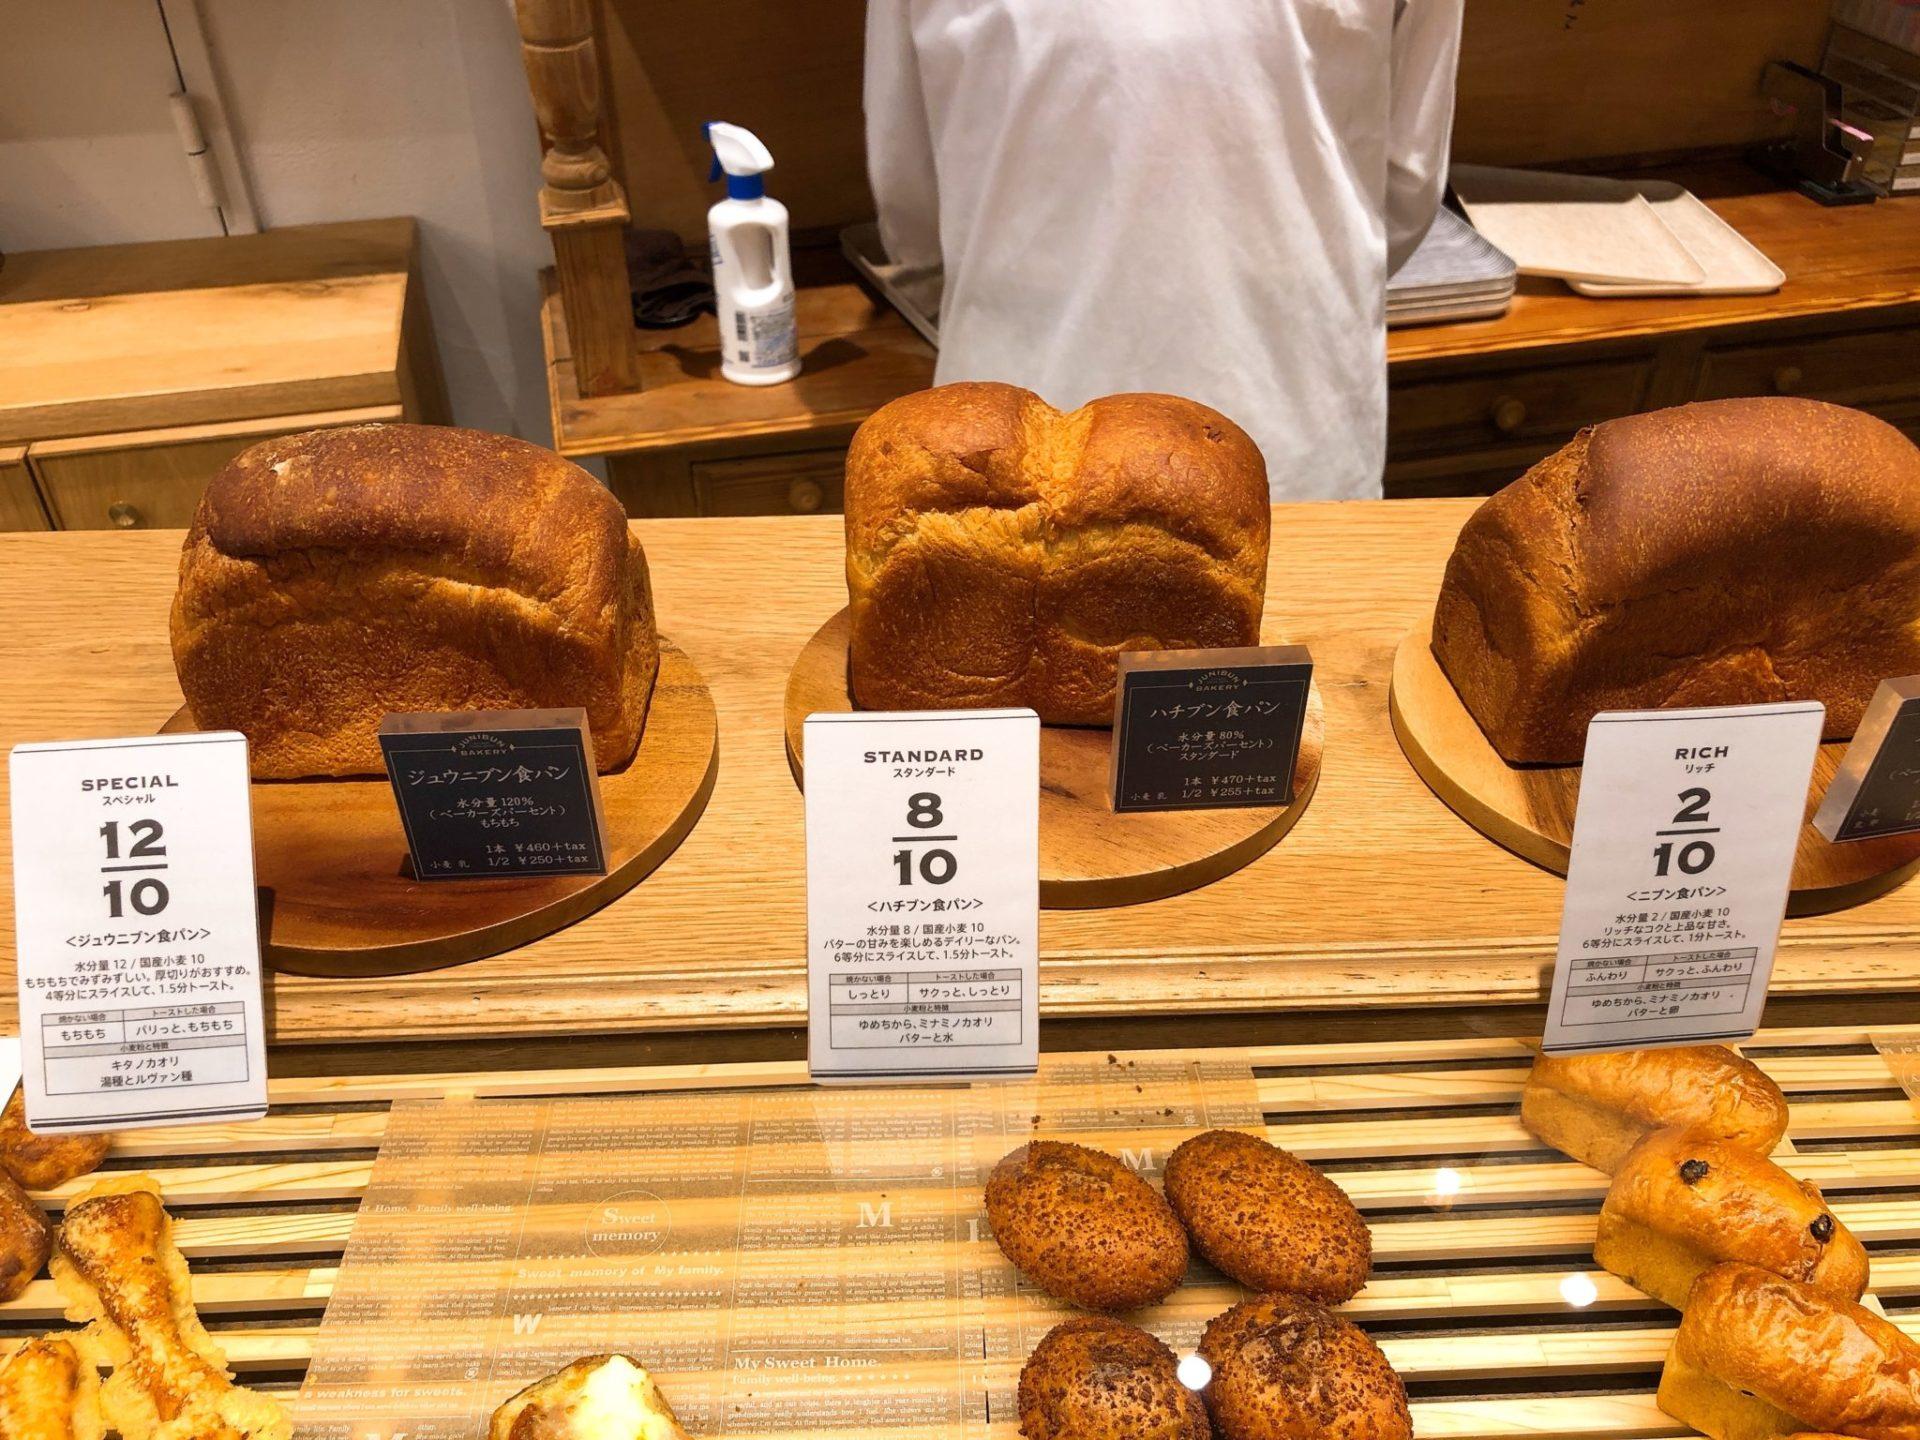 ジュウニブンベーカリー 三軒茶屋本店の食パン